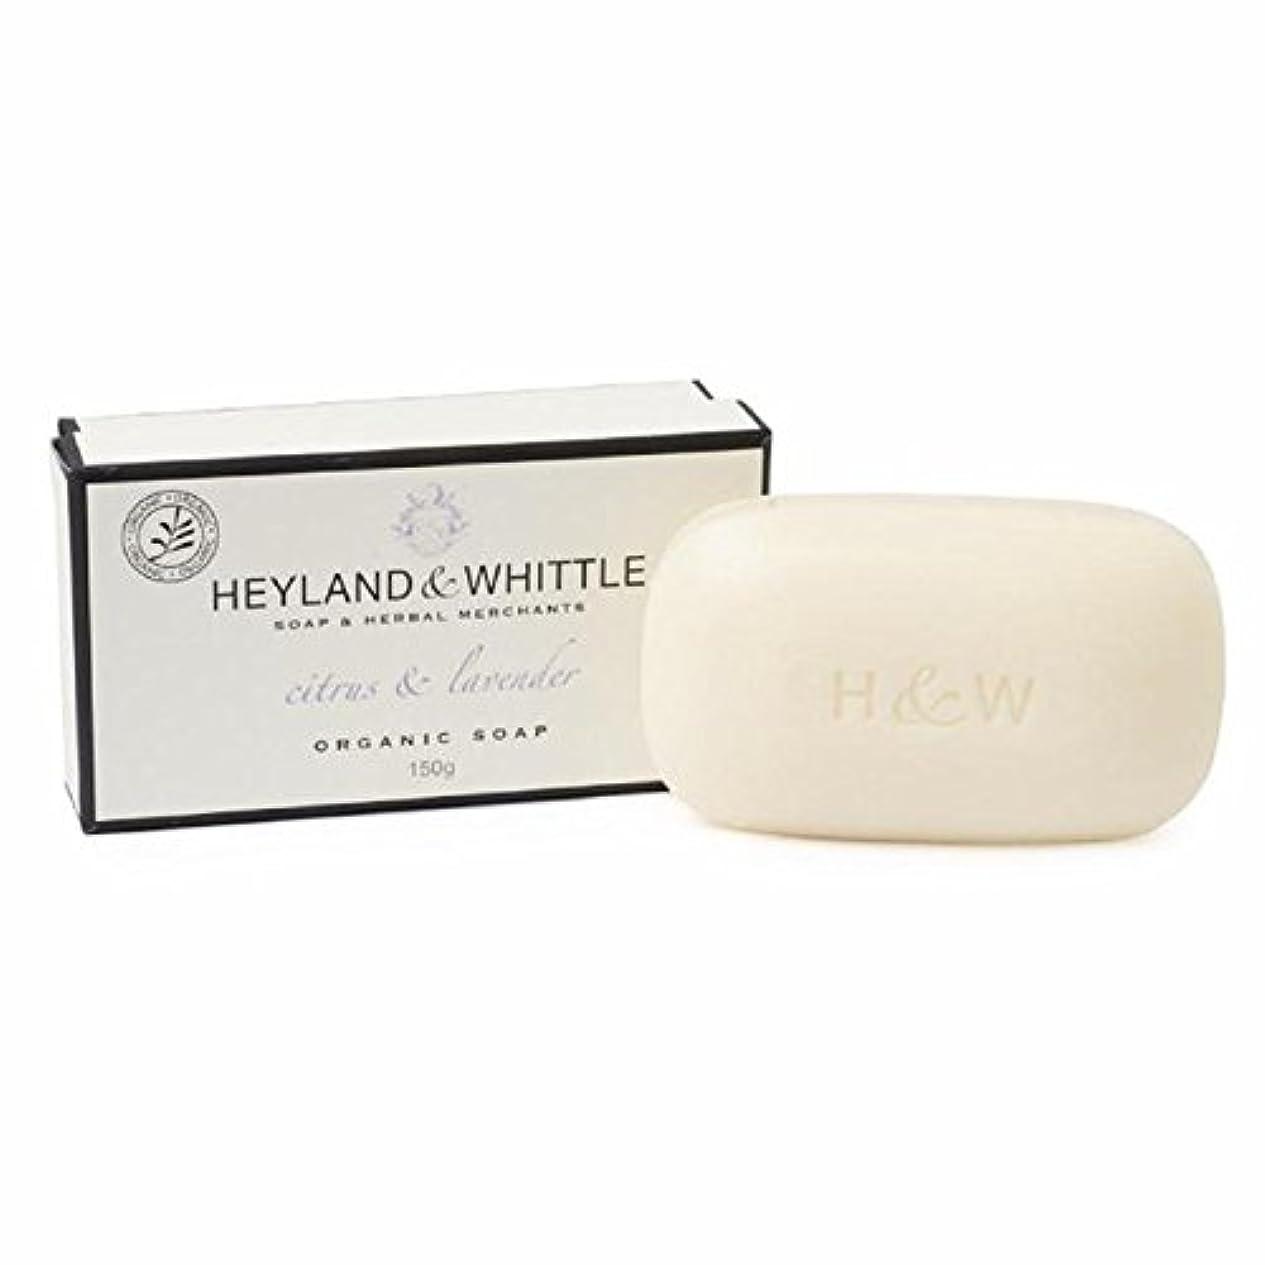 少なくとも意識哲学博士Heyland & Whittle Citrus & Lavender Boxed Organic Soap 150g (Pack of 6) - &削るシトラス&ラベンダーは、有機石鹸150グラム箱入り x6 [並行輸入品]